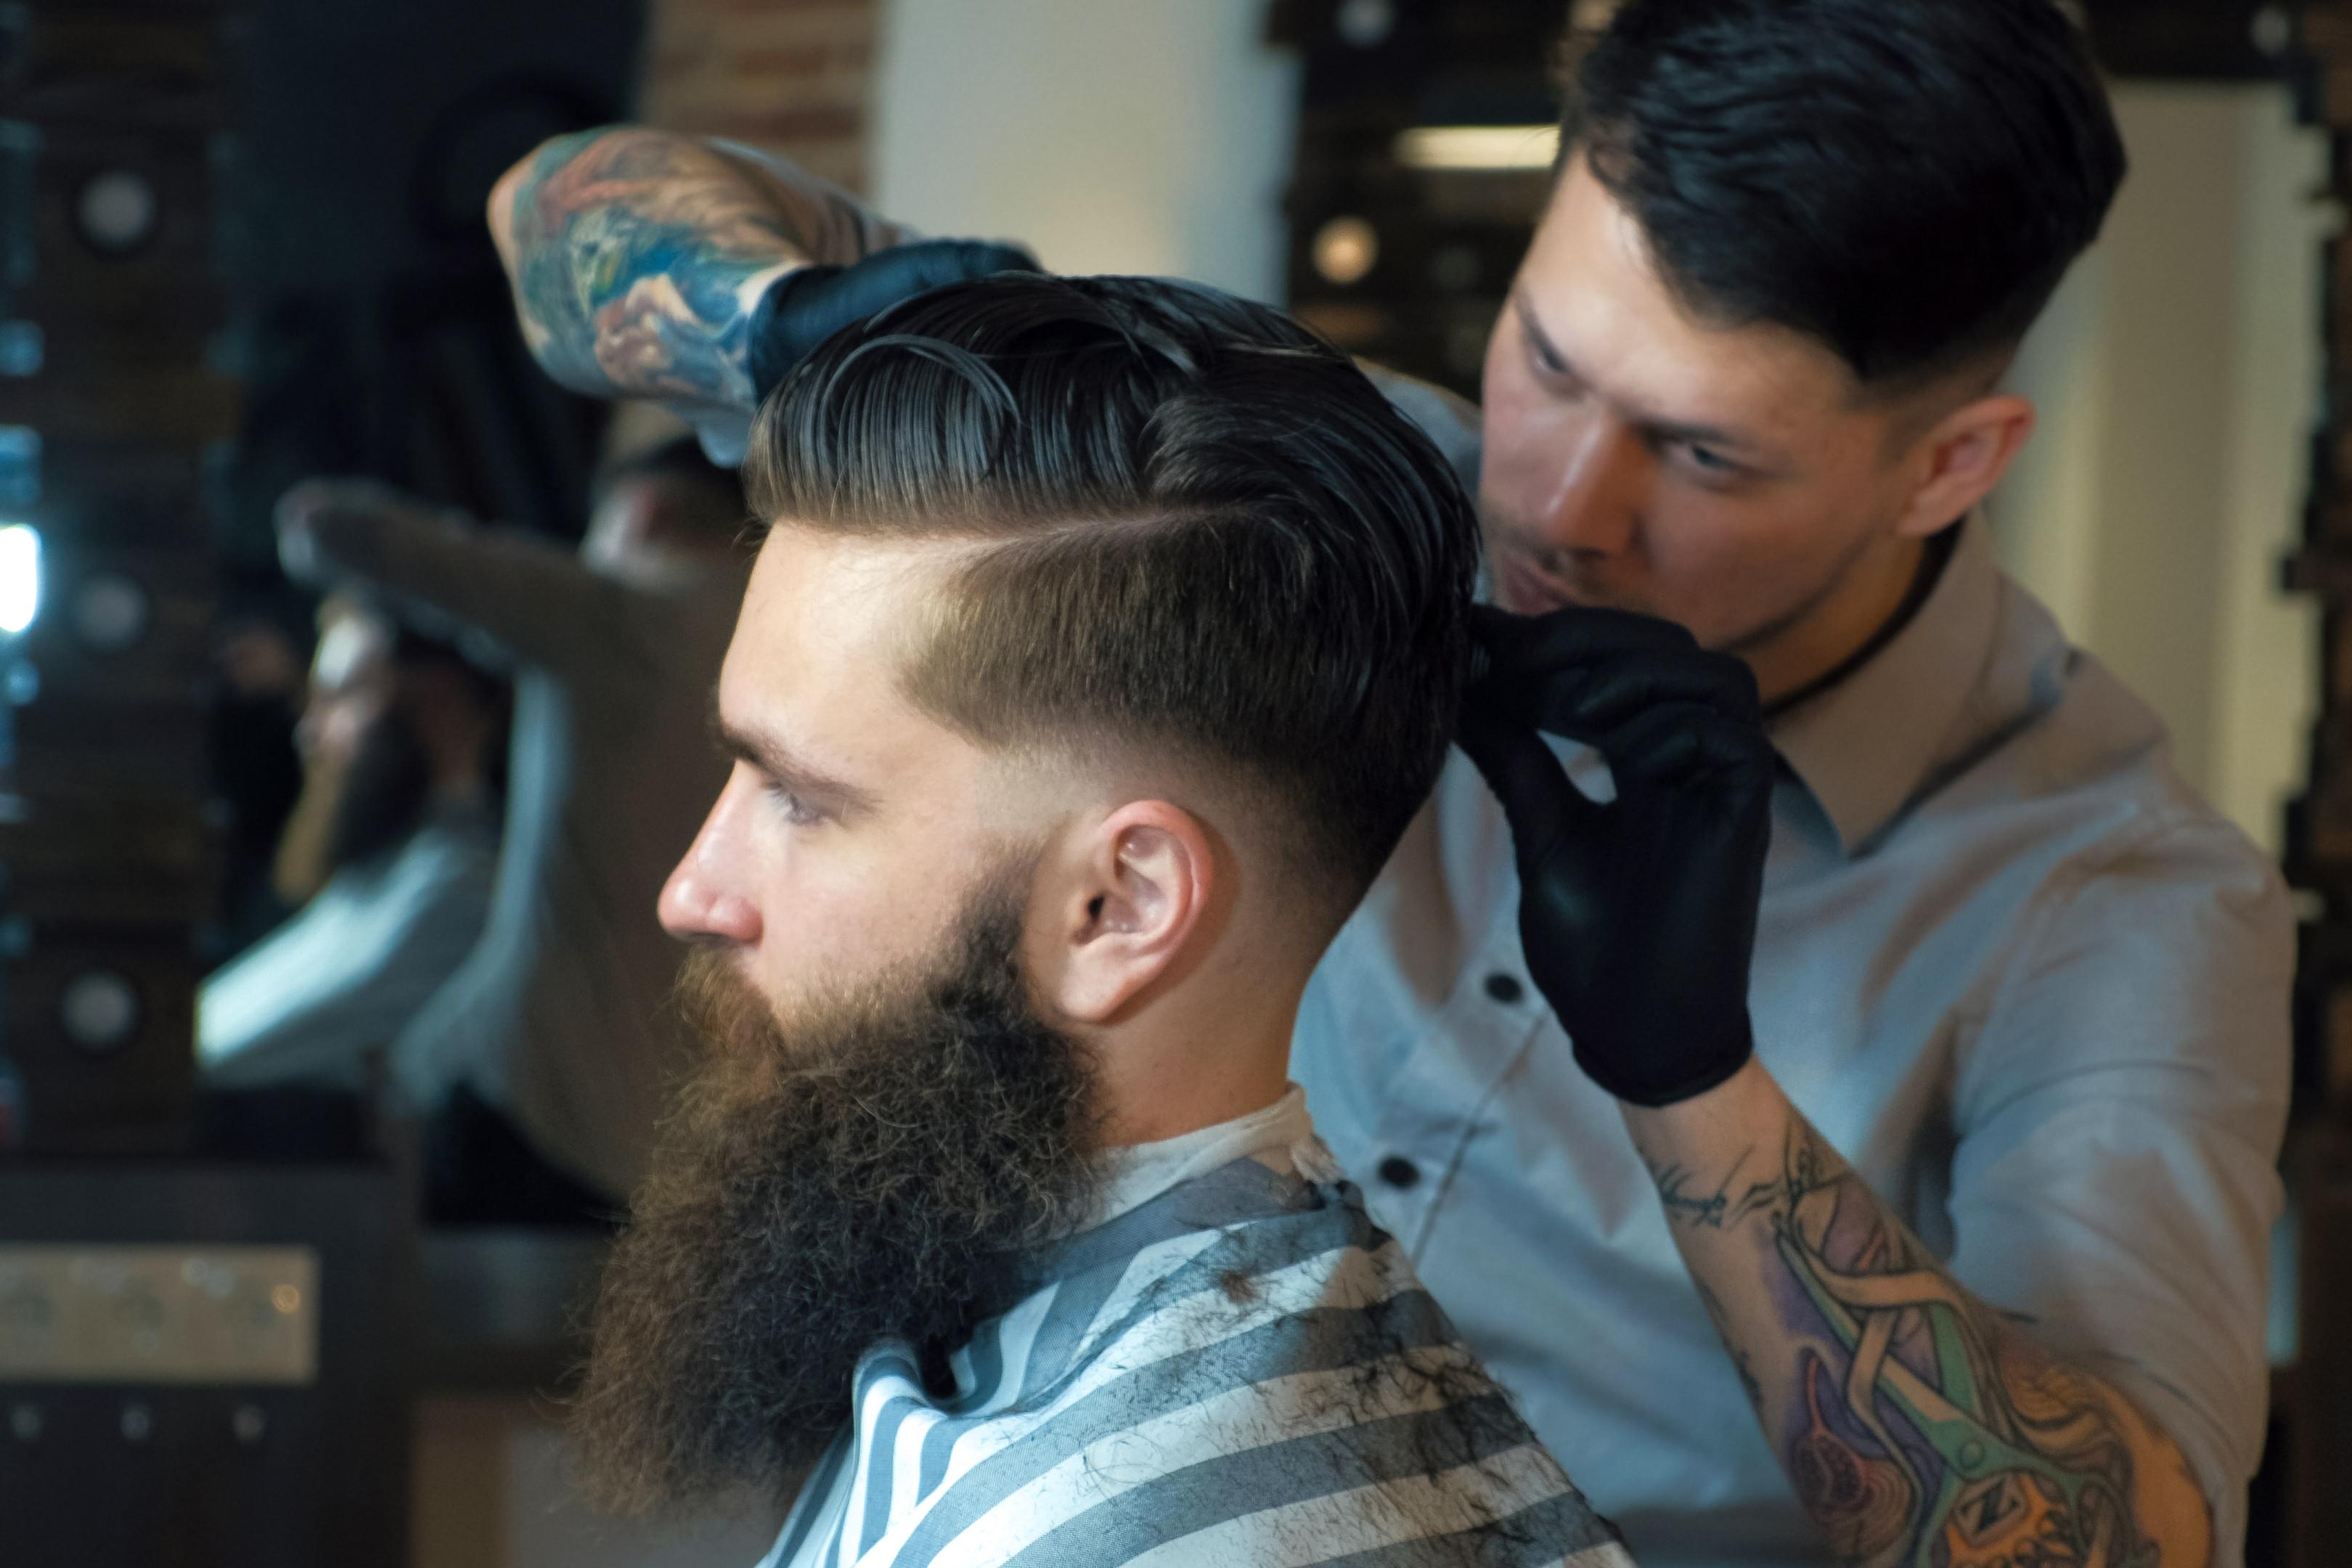 Haarschnitt, Bart und Styling